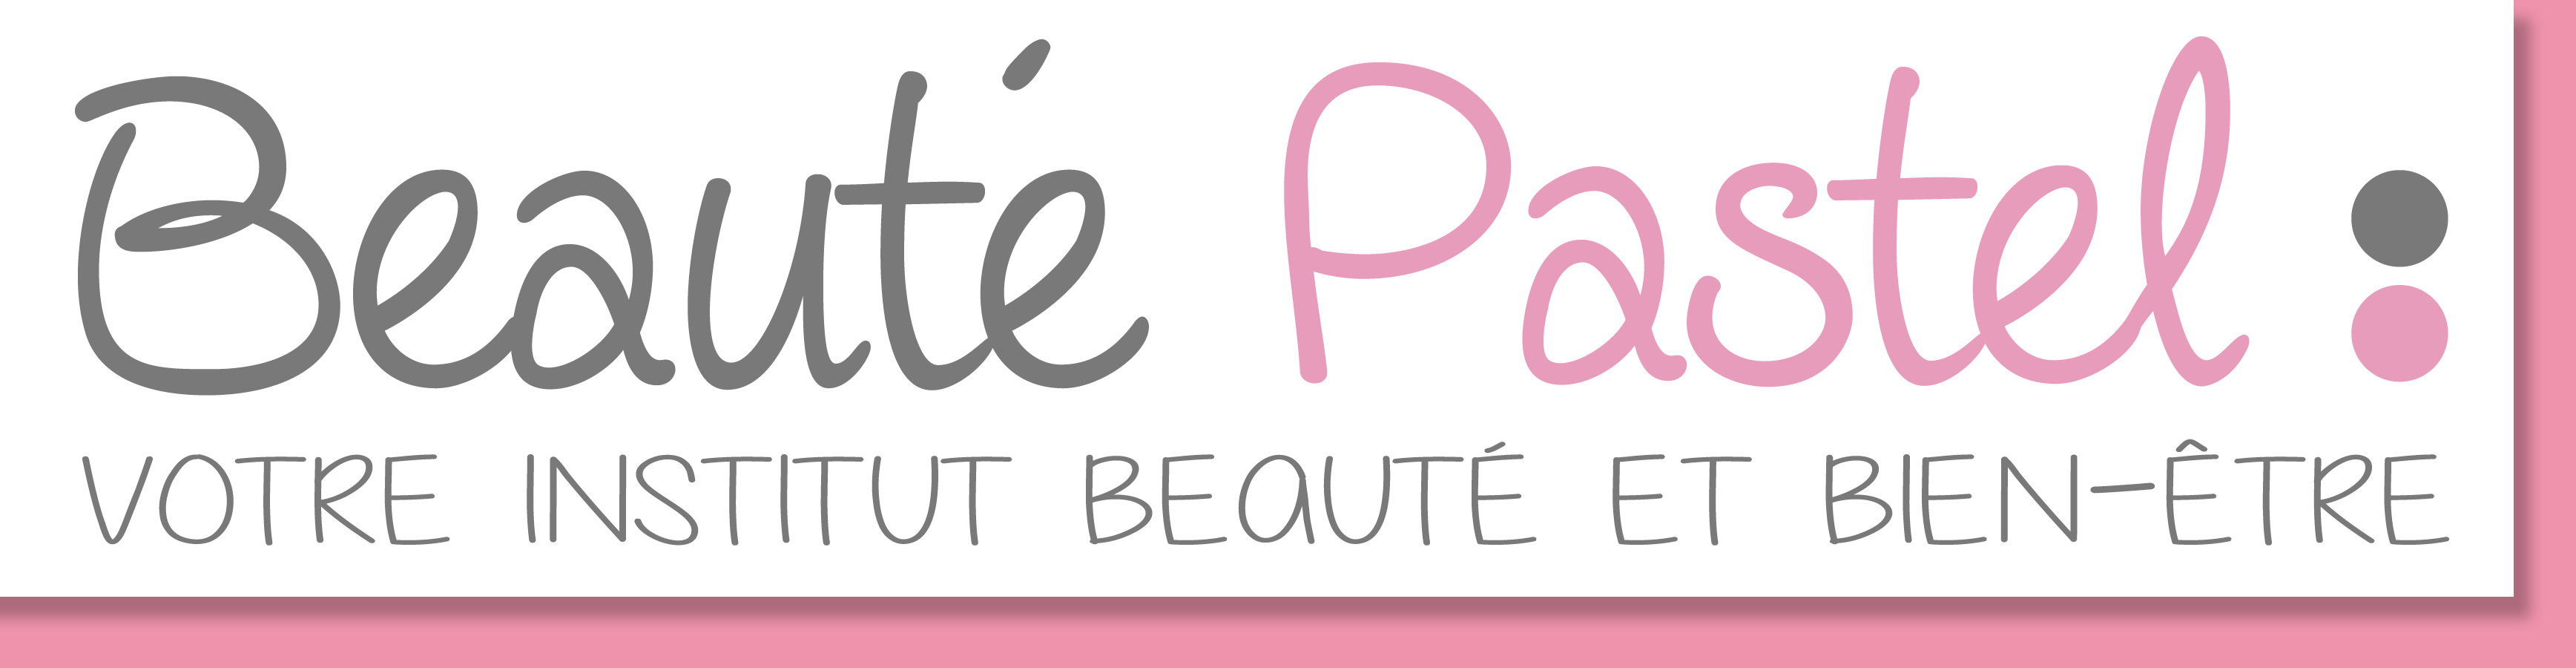 Institut Beauté Pastel